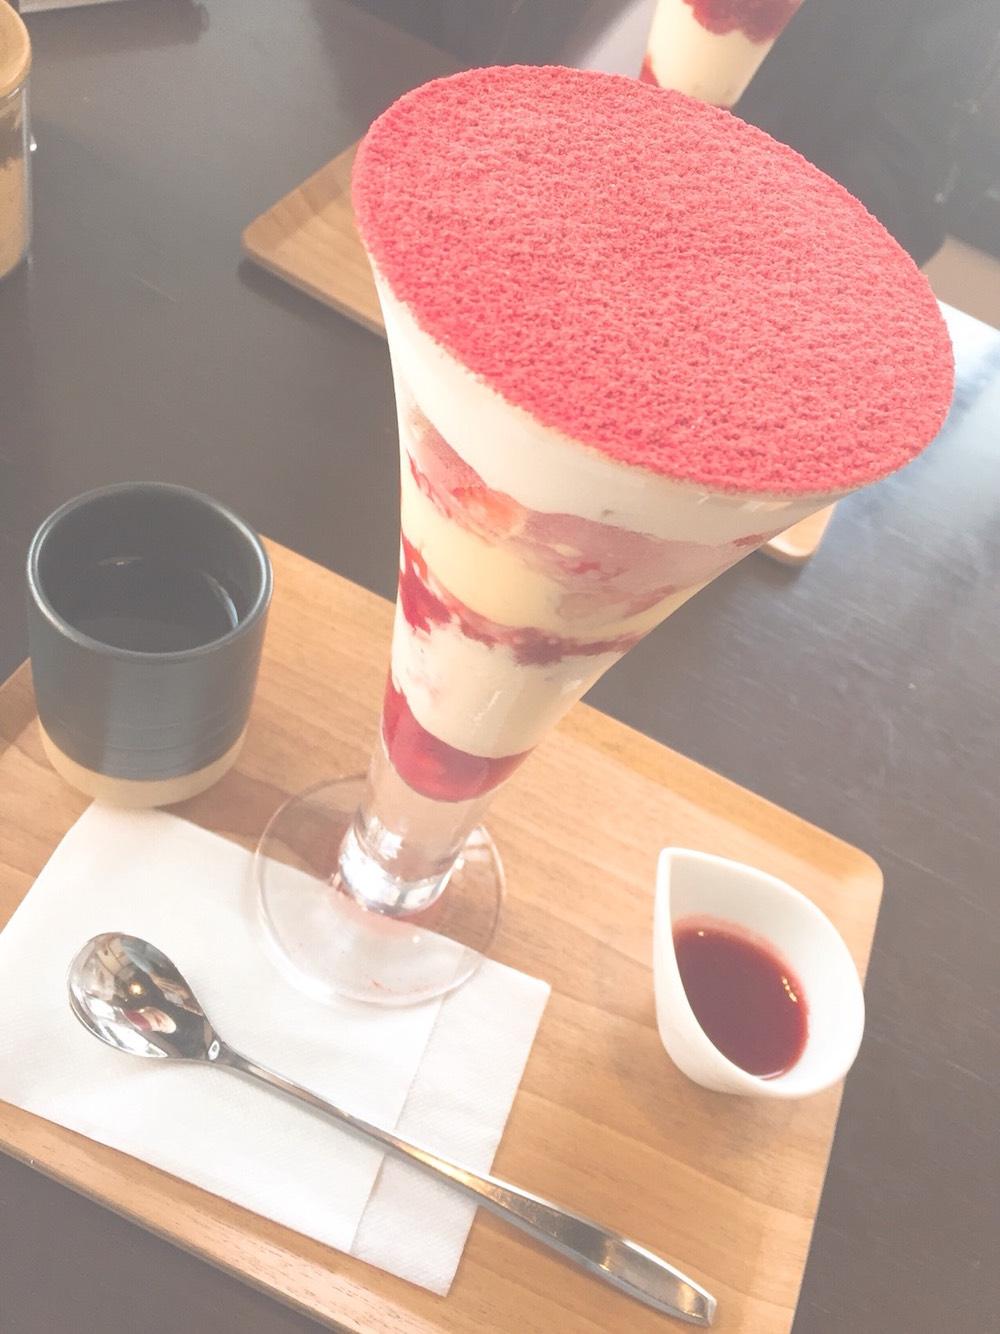 吉祥菓寮 祇園本店に登場した、苺味の「きな粉スイーツ」。Kyoto flavorの村岸ゆきさんが注文♪